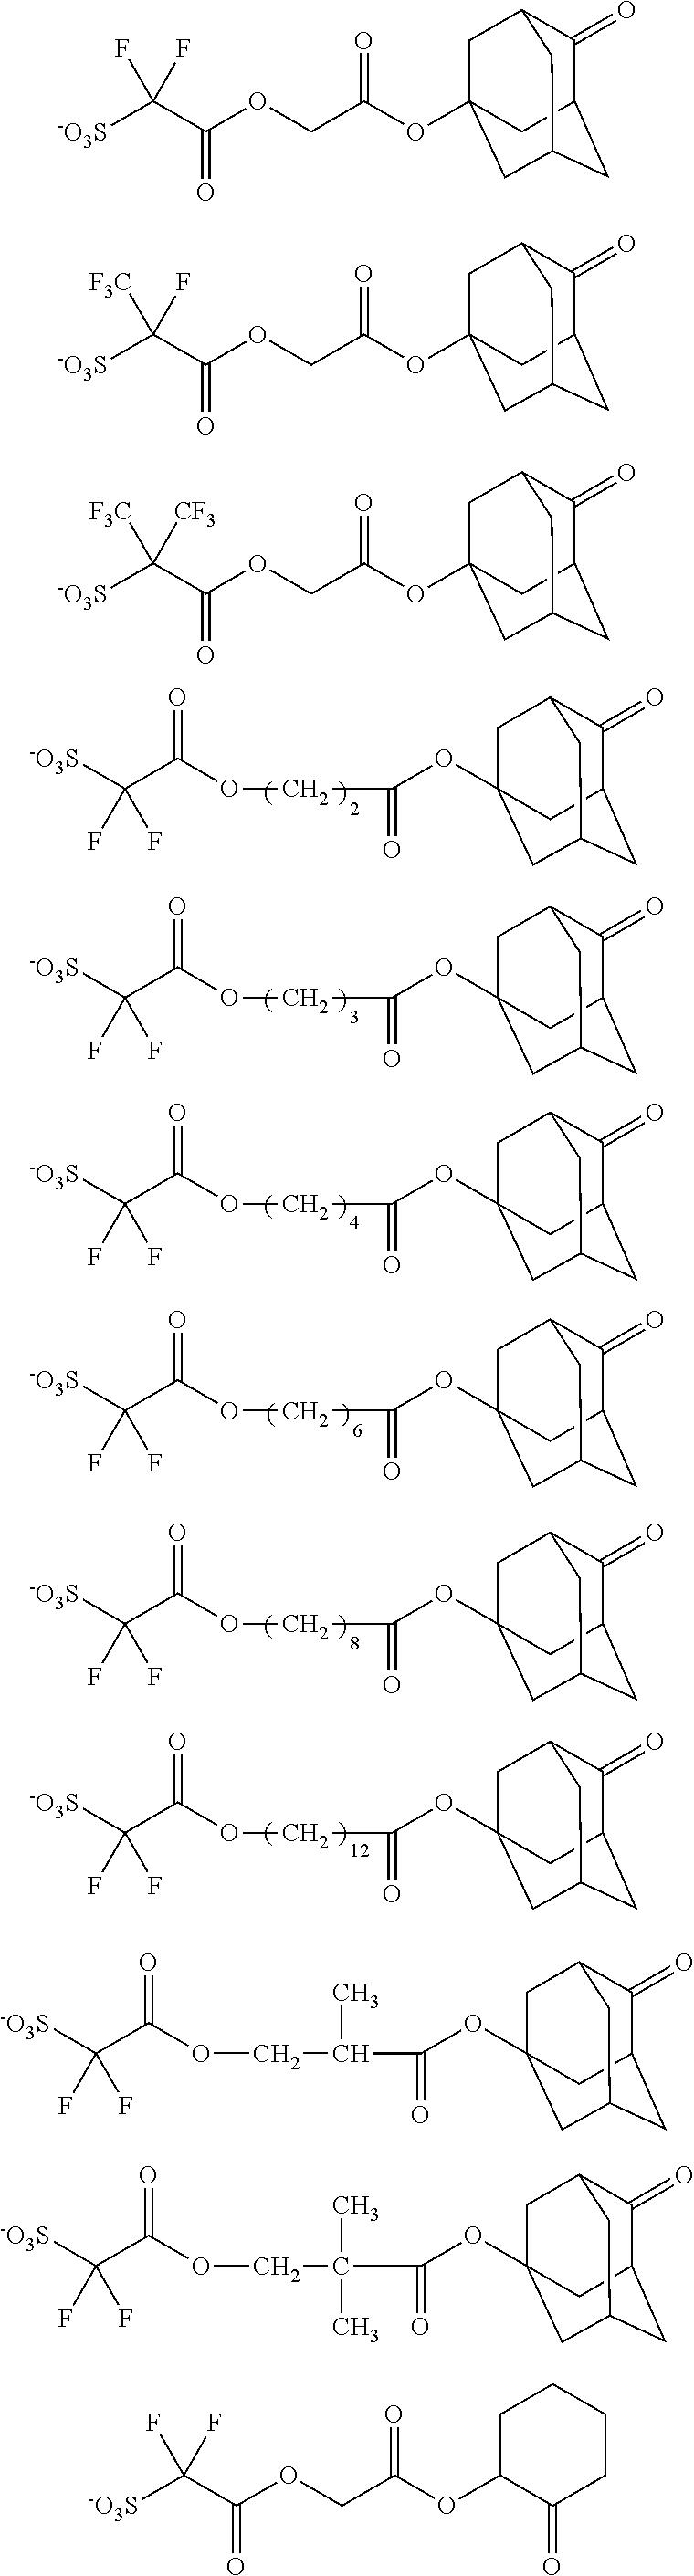 Figure US20100323296A1-20101223-C00118